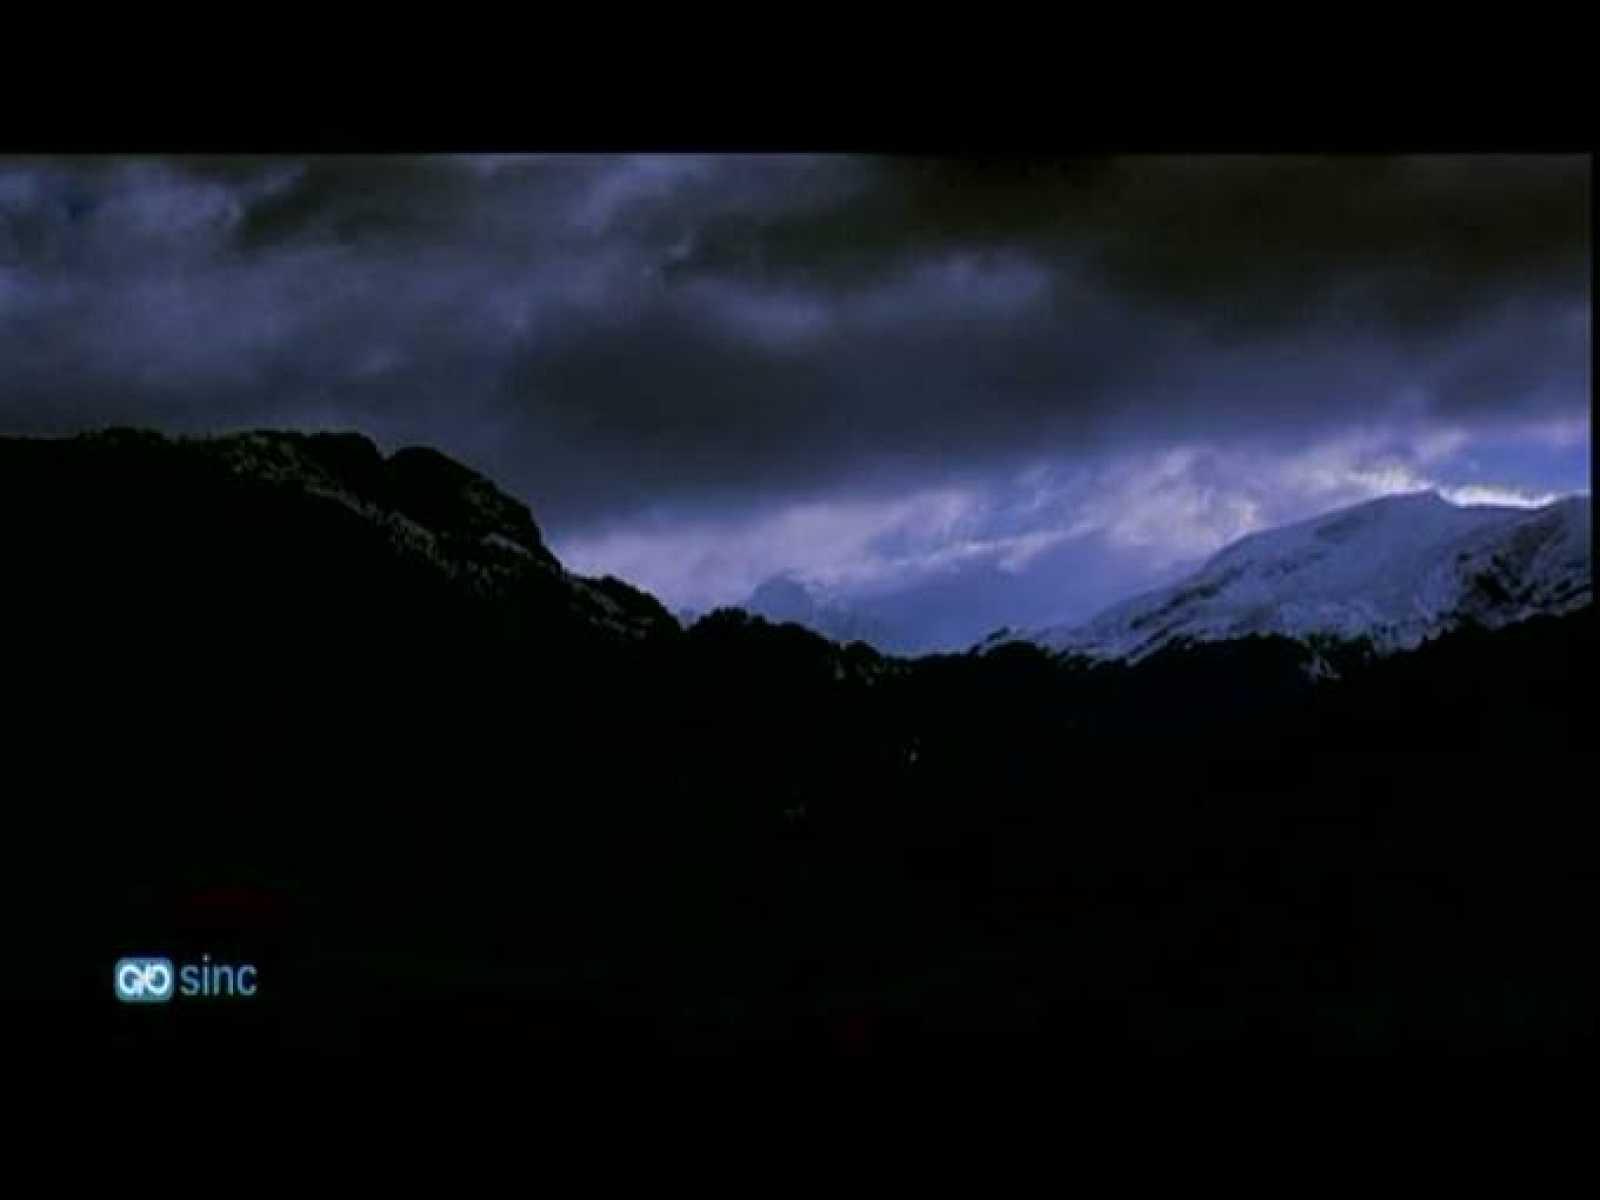 Un equipo de investigadores españoles ha grabado por primera vez en Europa a alta velocidad a los duendes y elfos de las tormentas, unos fenómenos eléctricos fugaces y luminosos que se producen en las capas altas de la atmósfera. El análisis de las